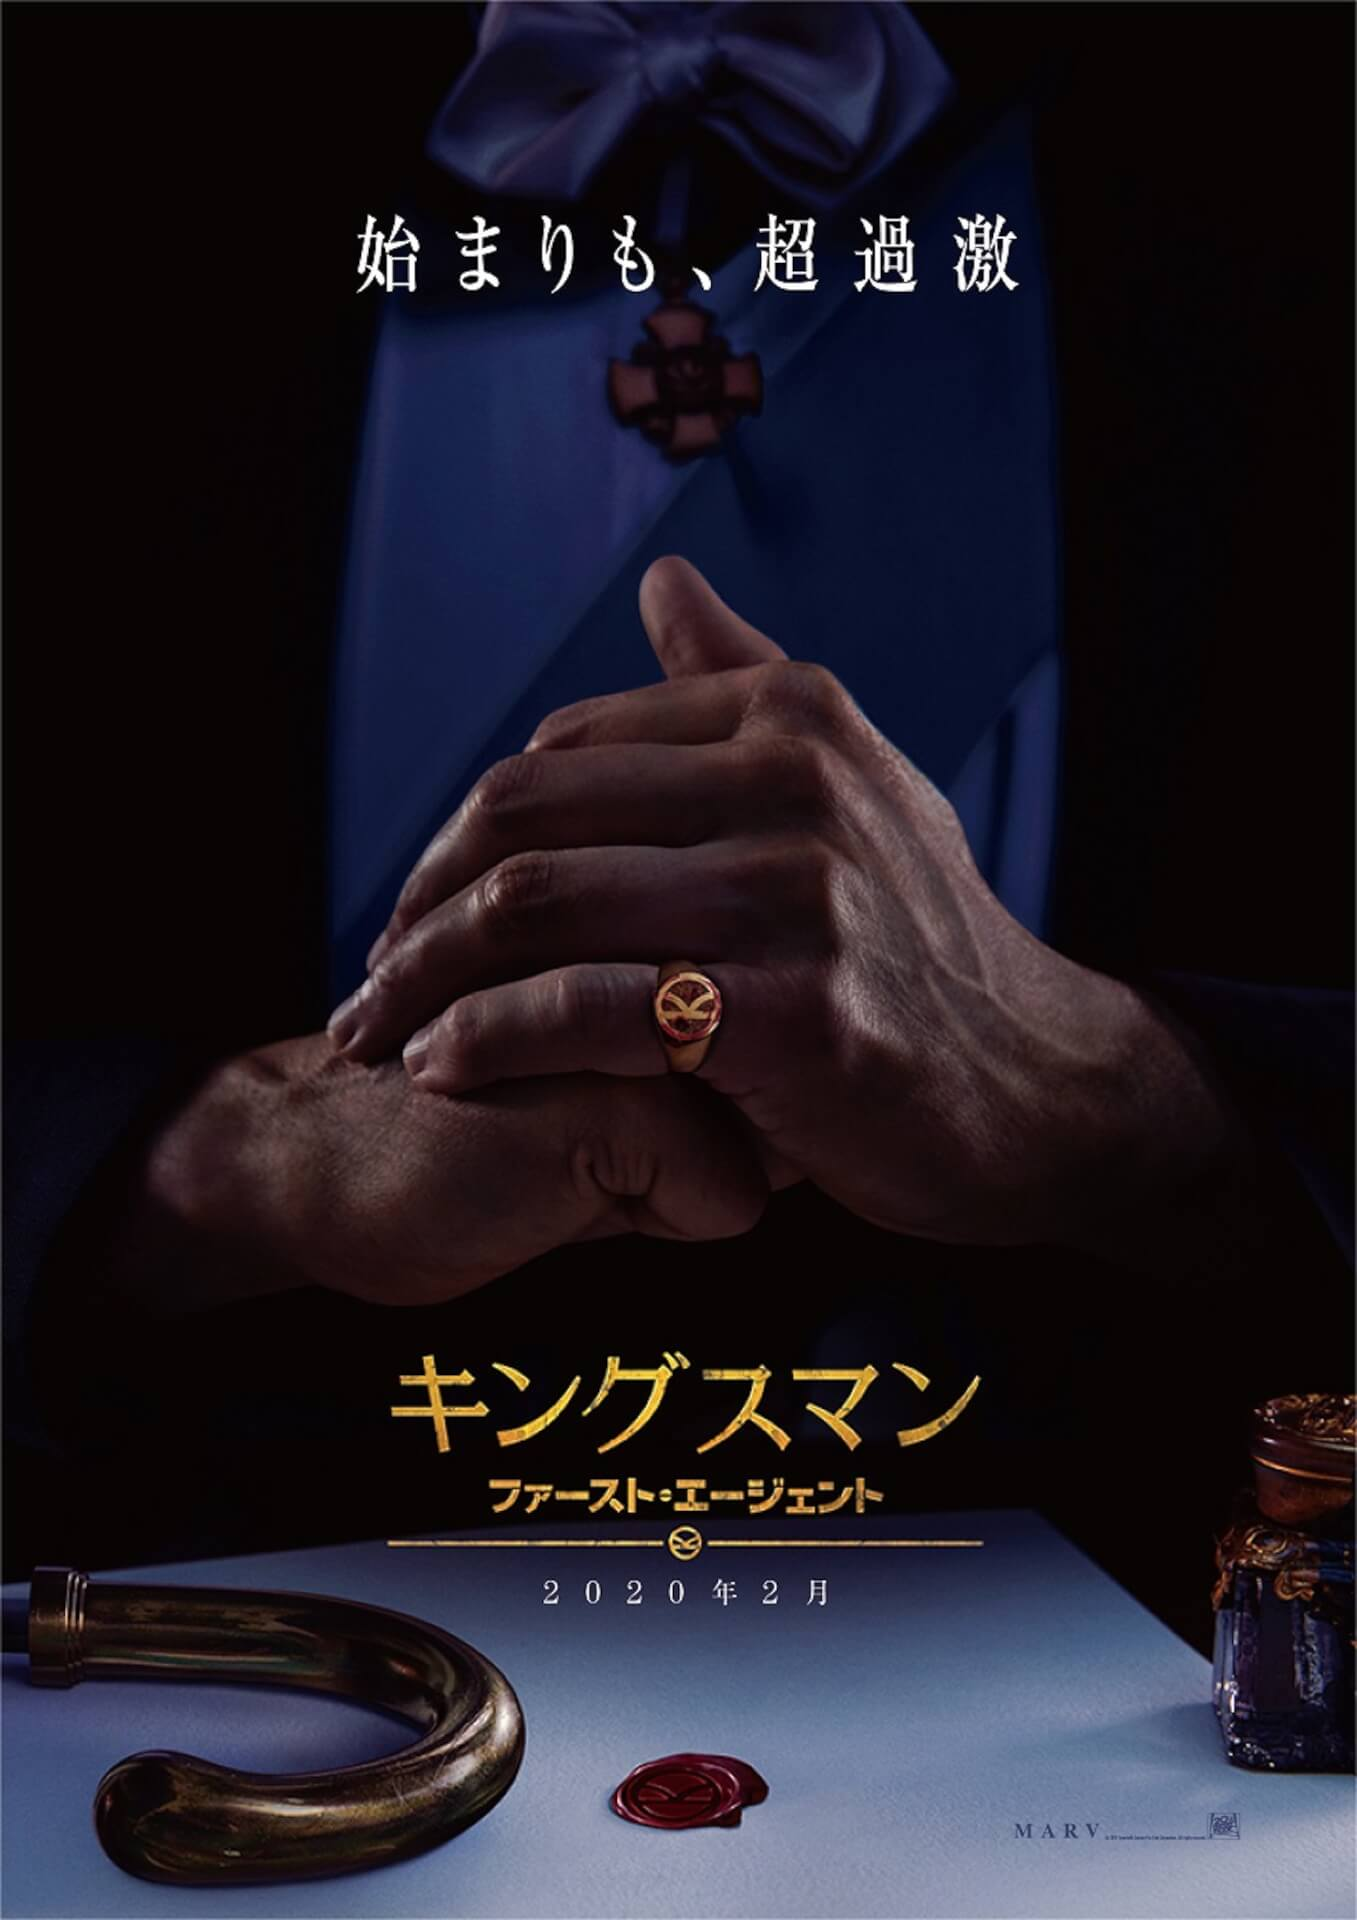 すでにSNSで話題の『キングスマン:ファースト・エージェント』の日本版予告編&ポスター、しかと見よ! film190918_kingsman_1